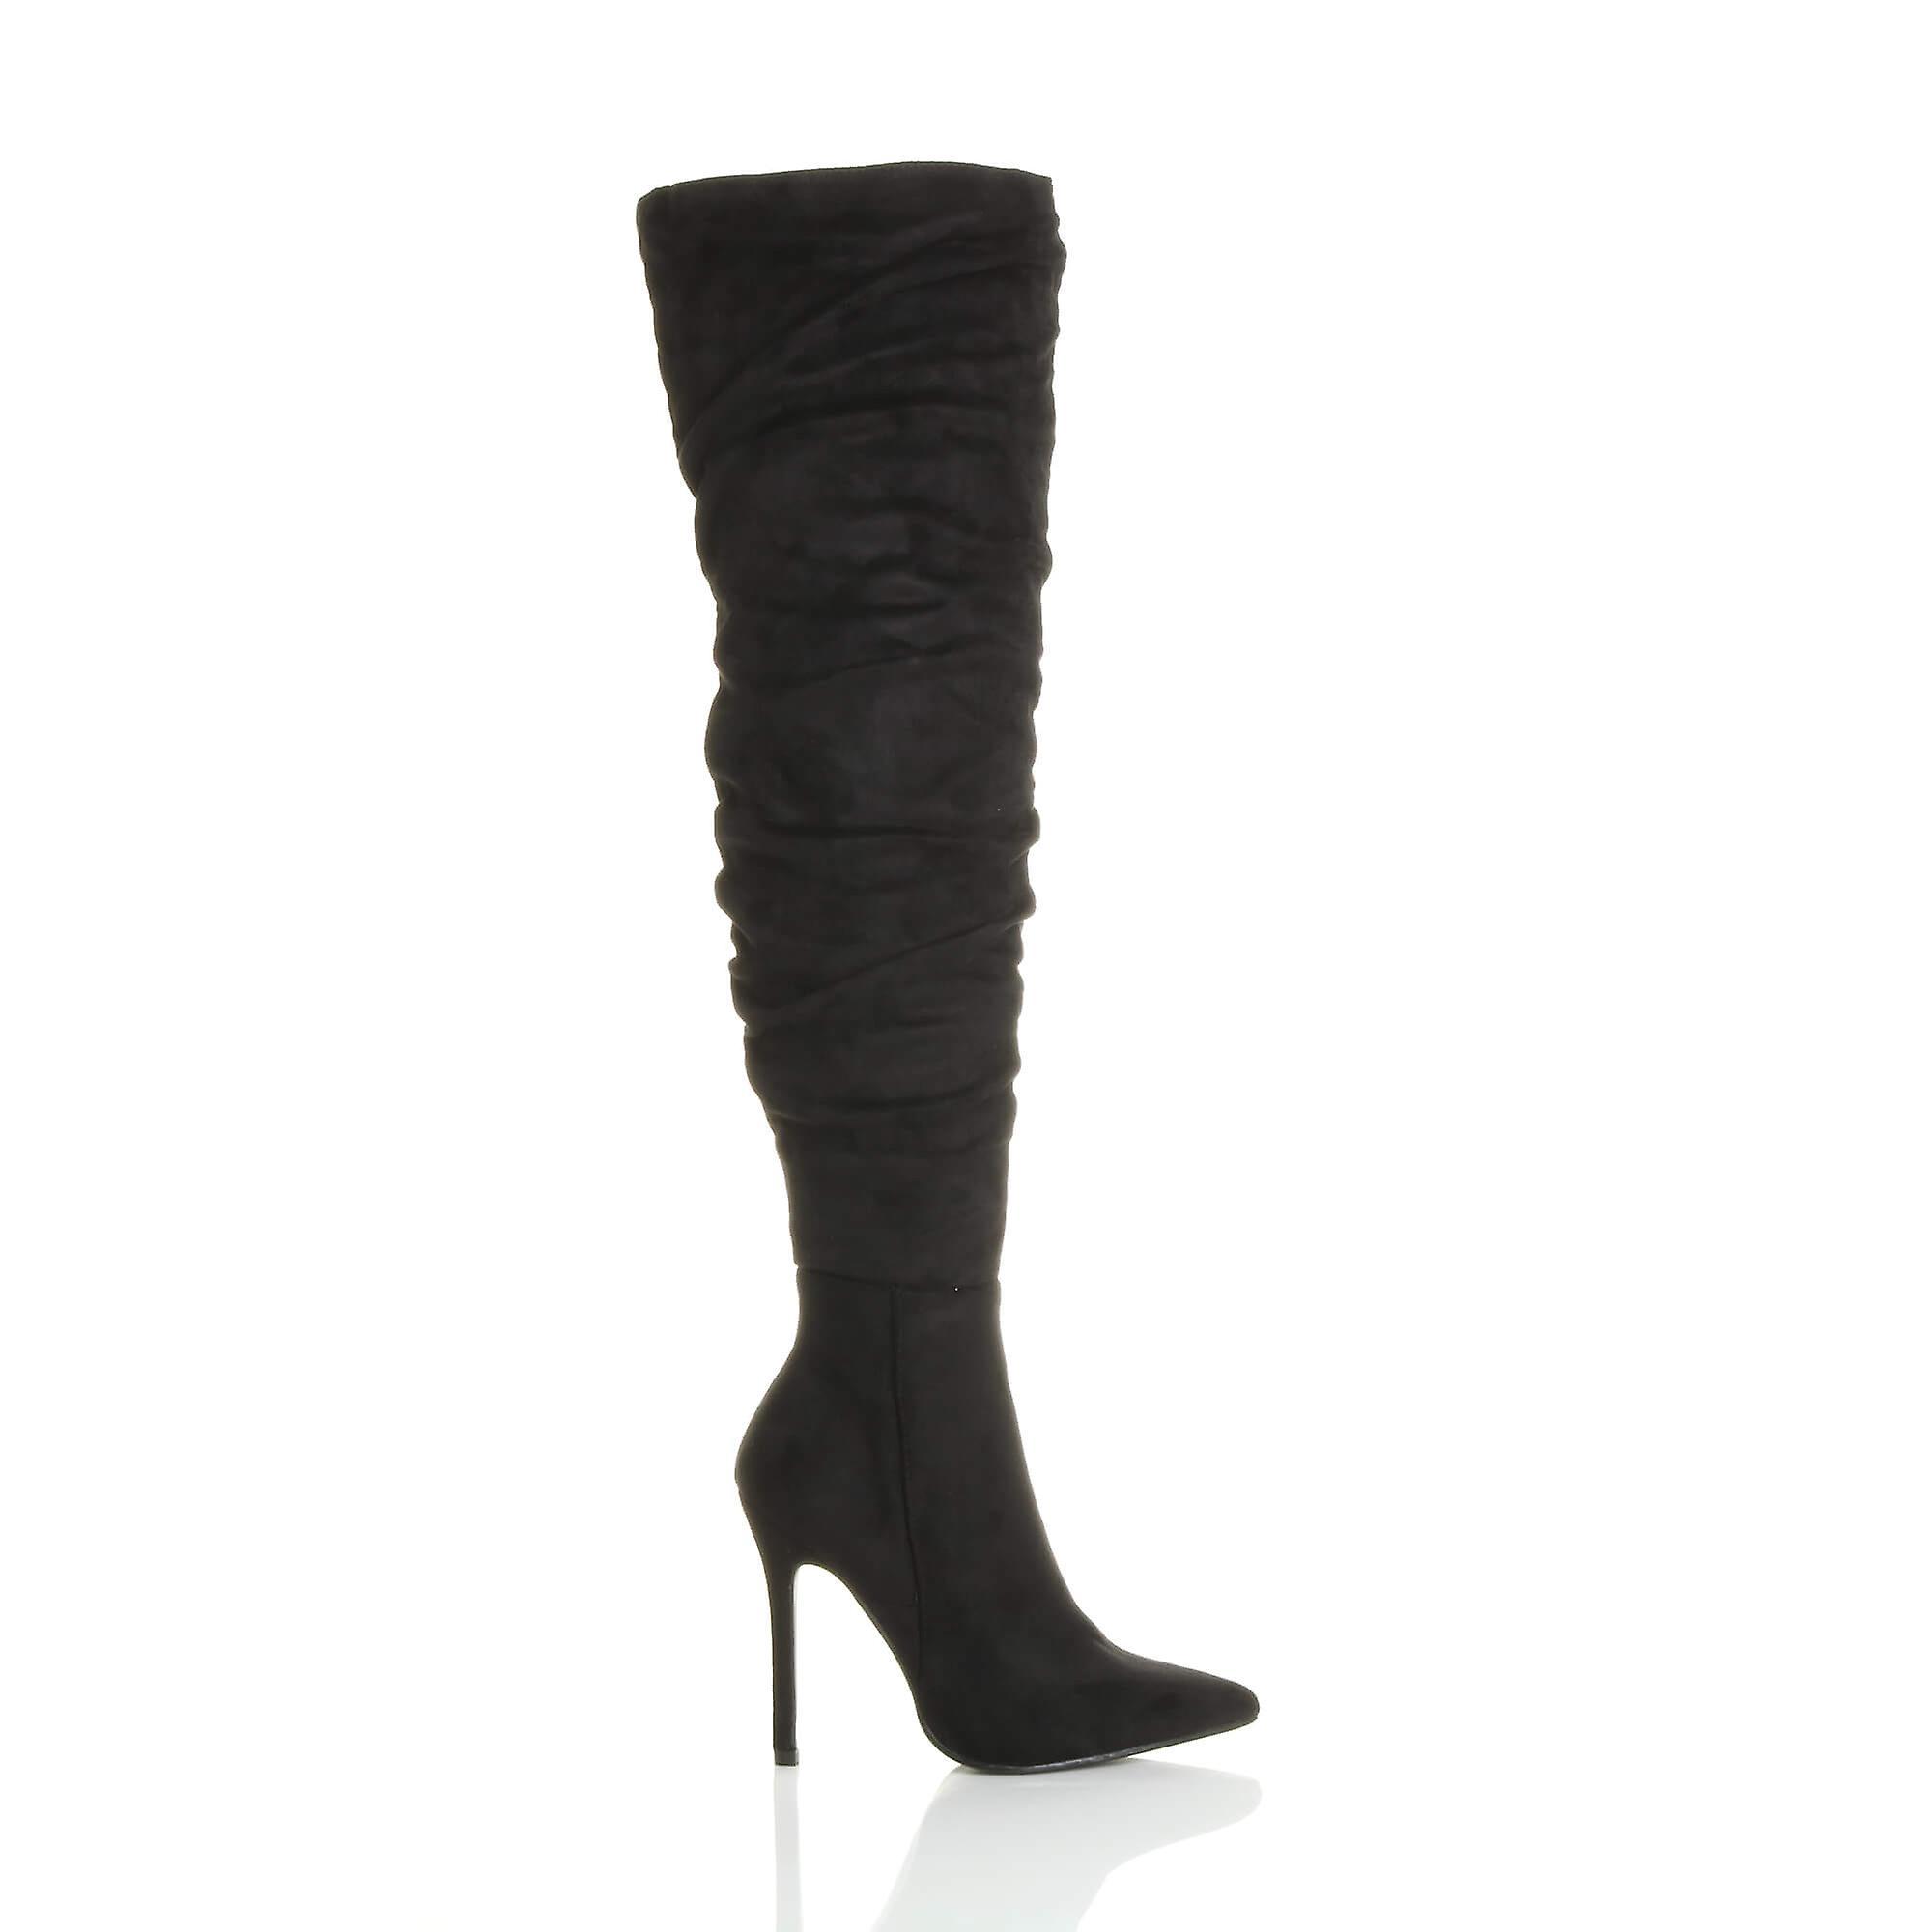 1ca9f47456c4 Ajvani dame høj hæl ruched daske over spidse lår støvler